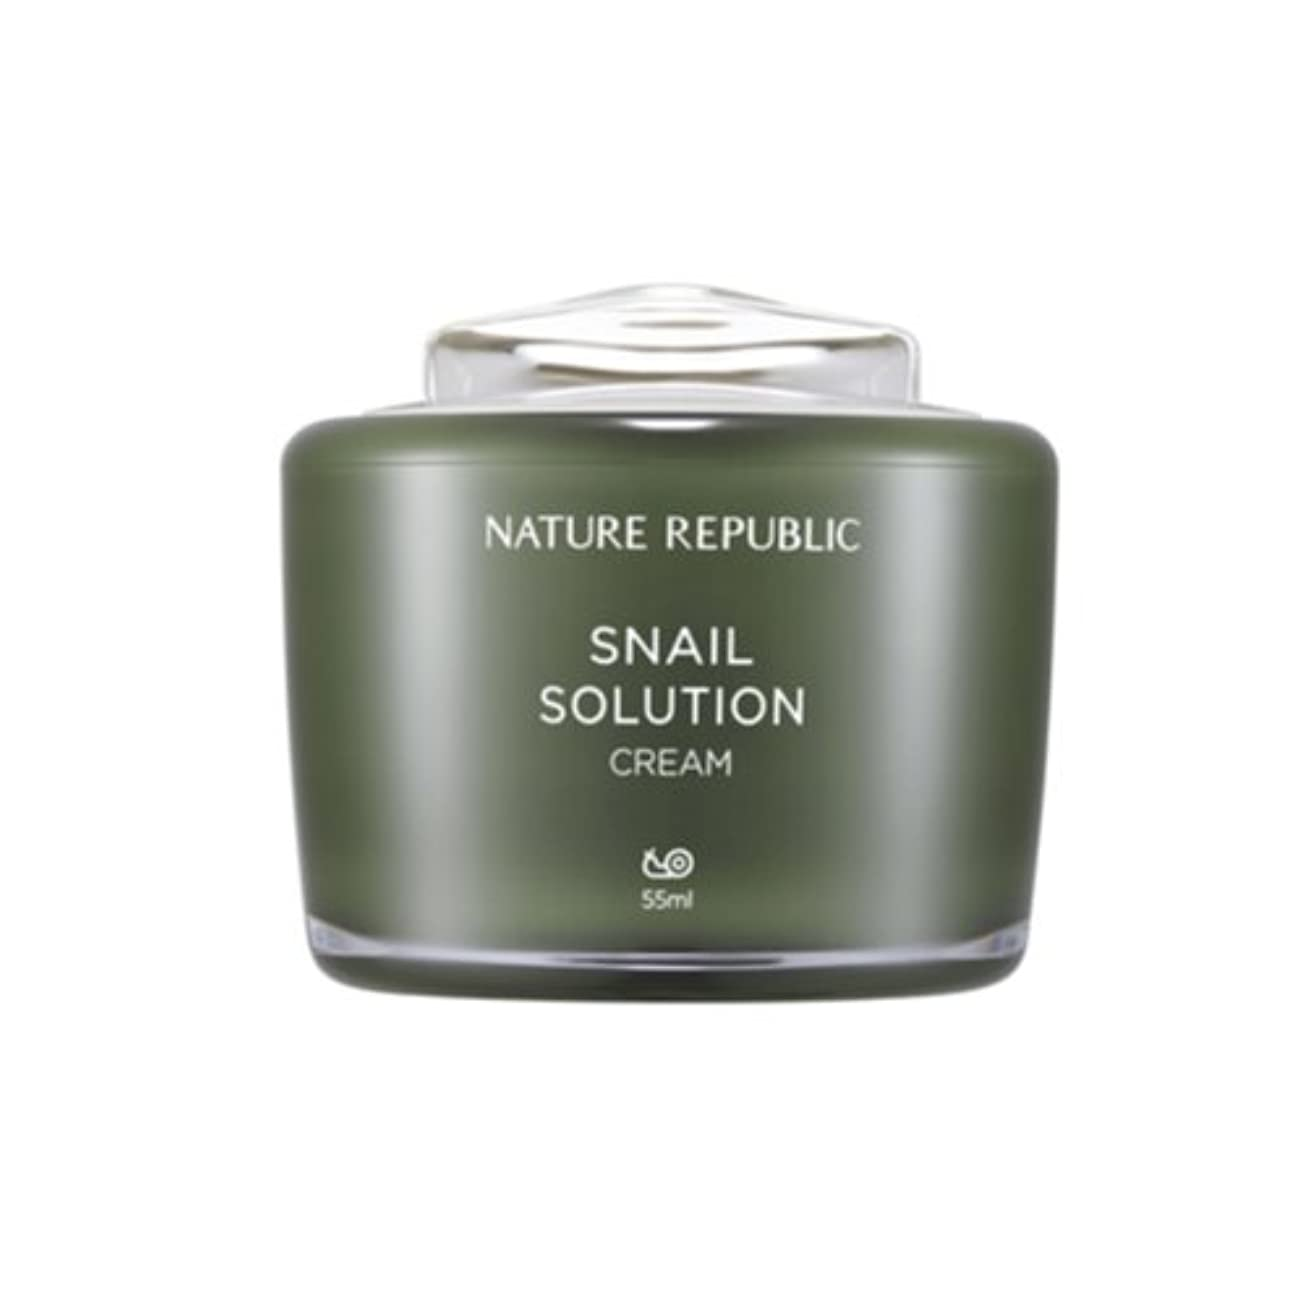 ハドルユニークな動物園[ネイチャーリパブリック] Nature republicスネイルソリューションクリーム海外直送品(Snail Solution Cream) [並行輸入品]